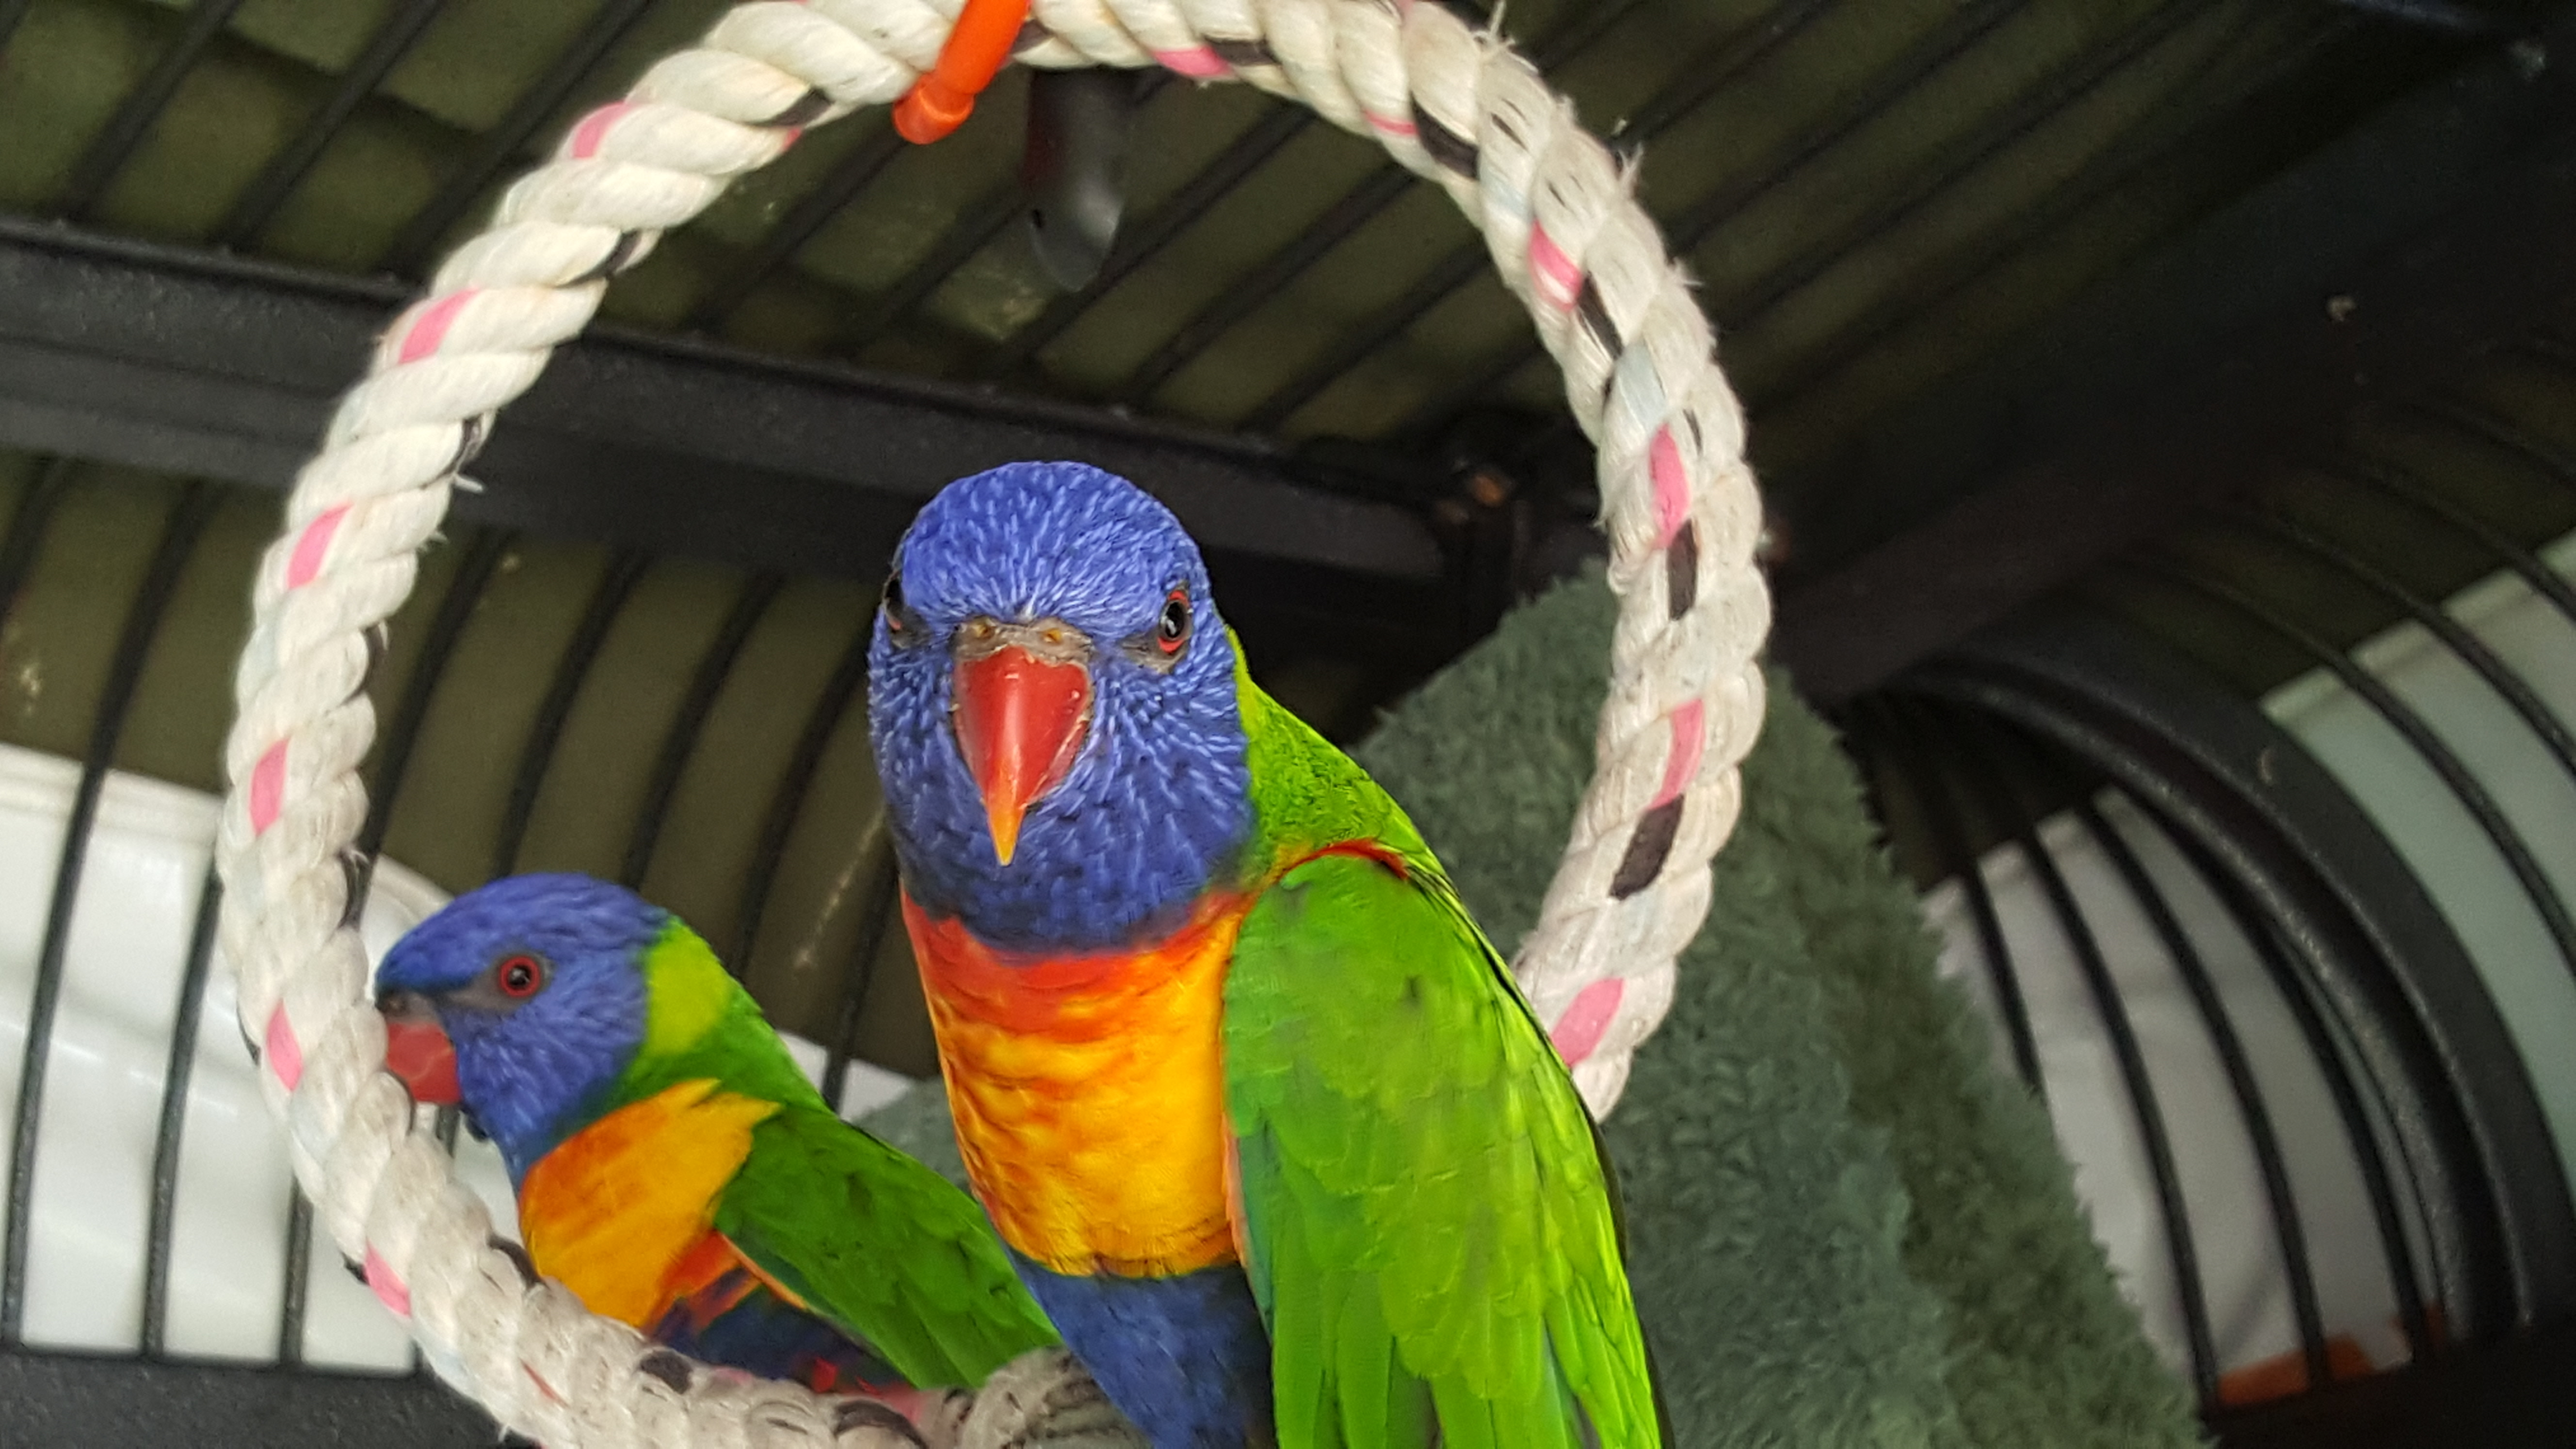 Adopt/Foster Companion Birds in Australia – 'Let Companion